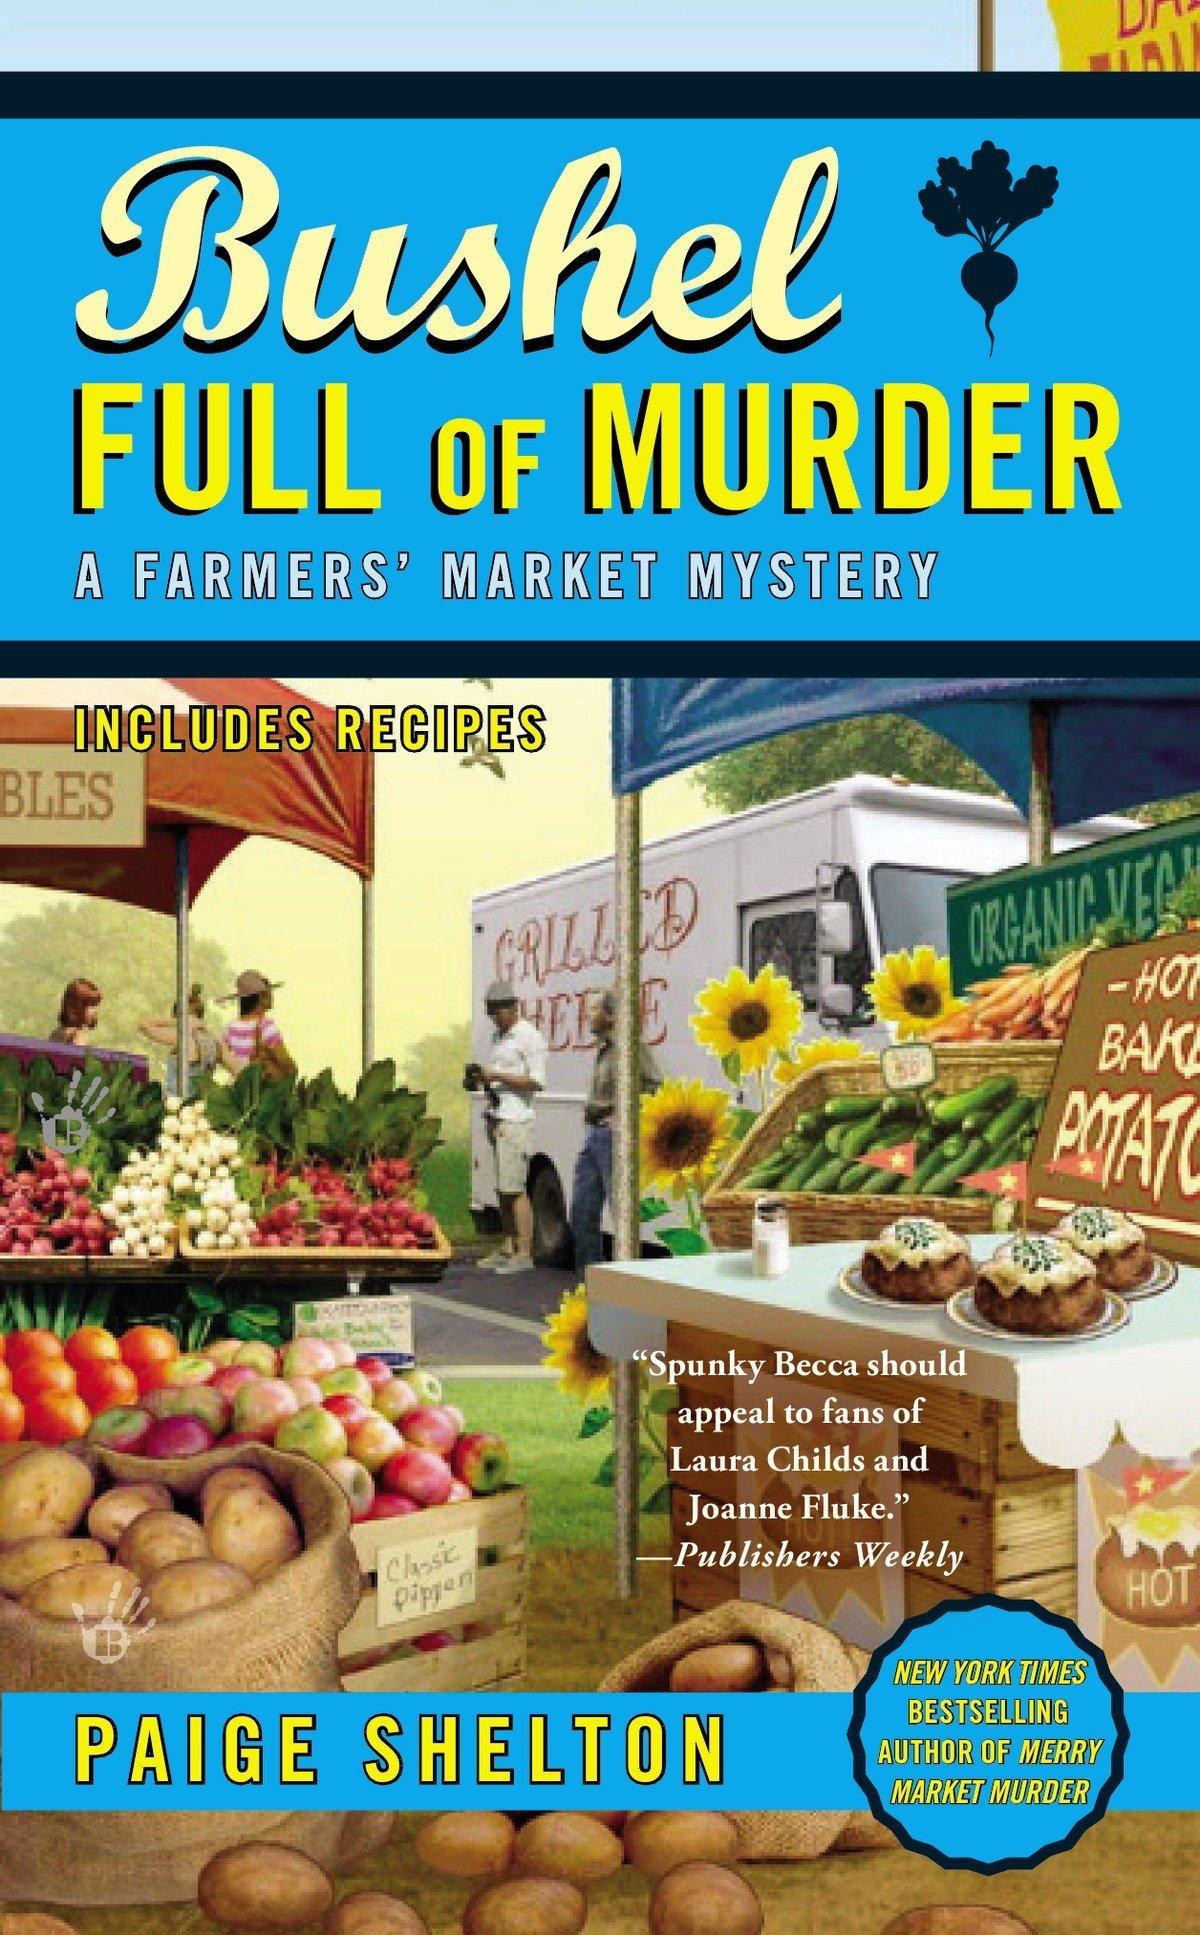 Bushel Full of Murder (A Farmers' Market Mystery) ebook